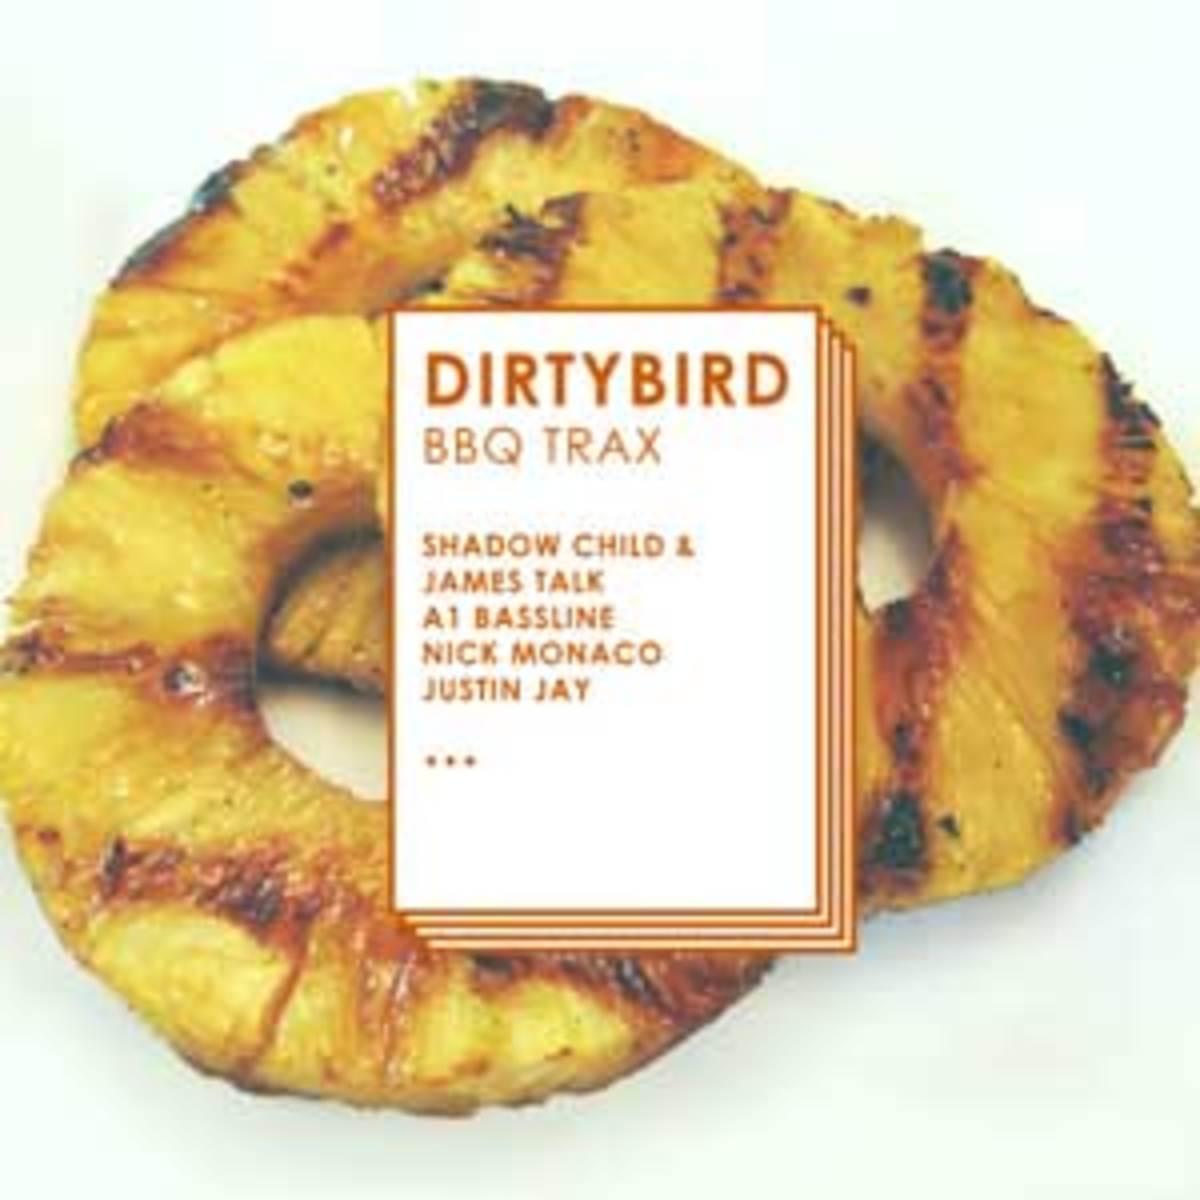 dirtybird.trax